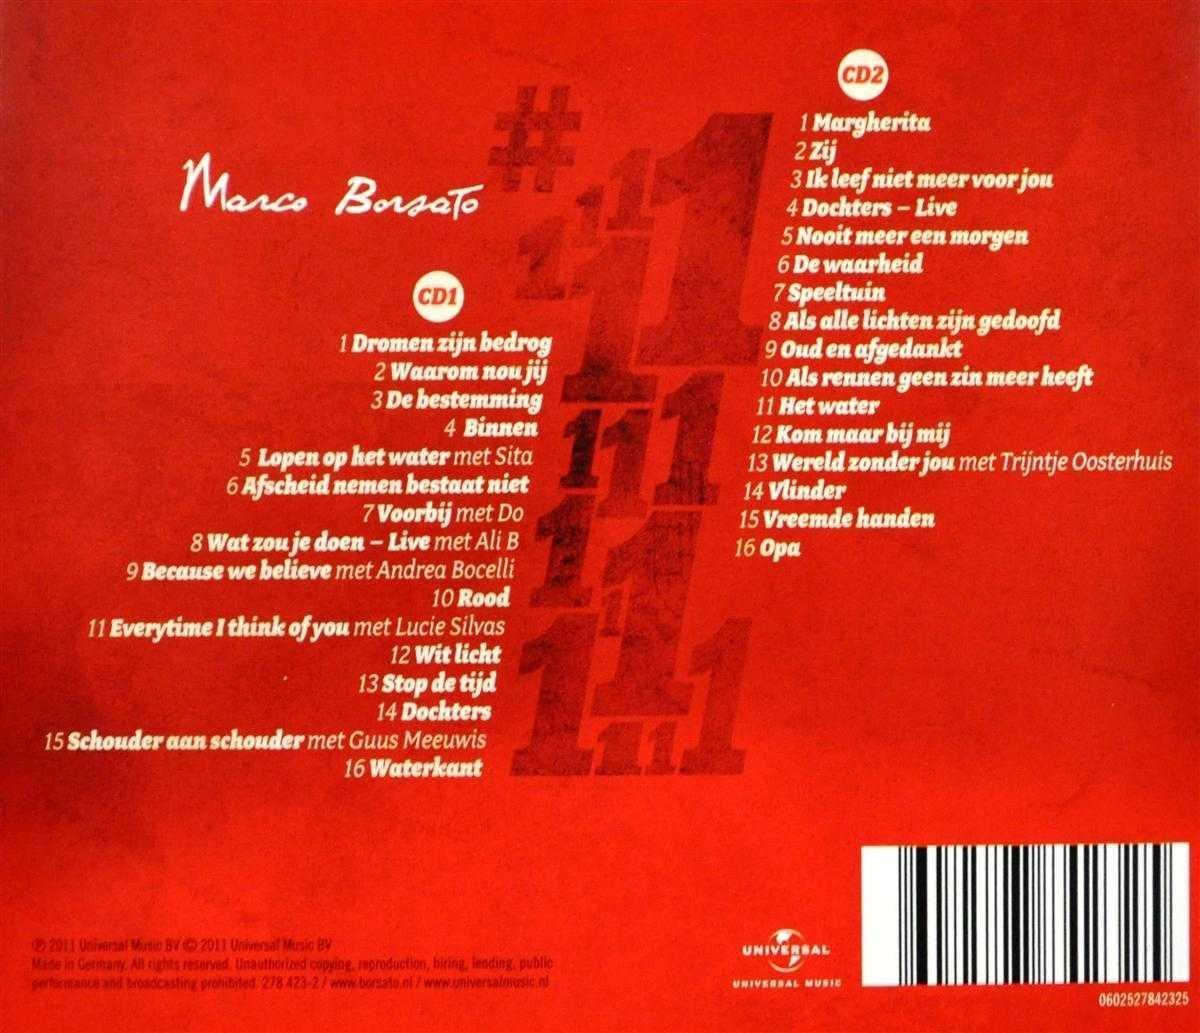 Bol Com No 1 Marco Borsato Cd Album Muziek